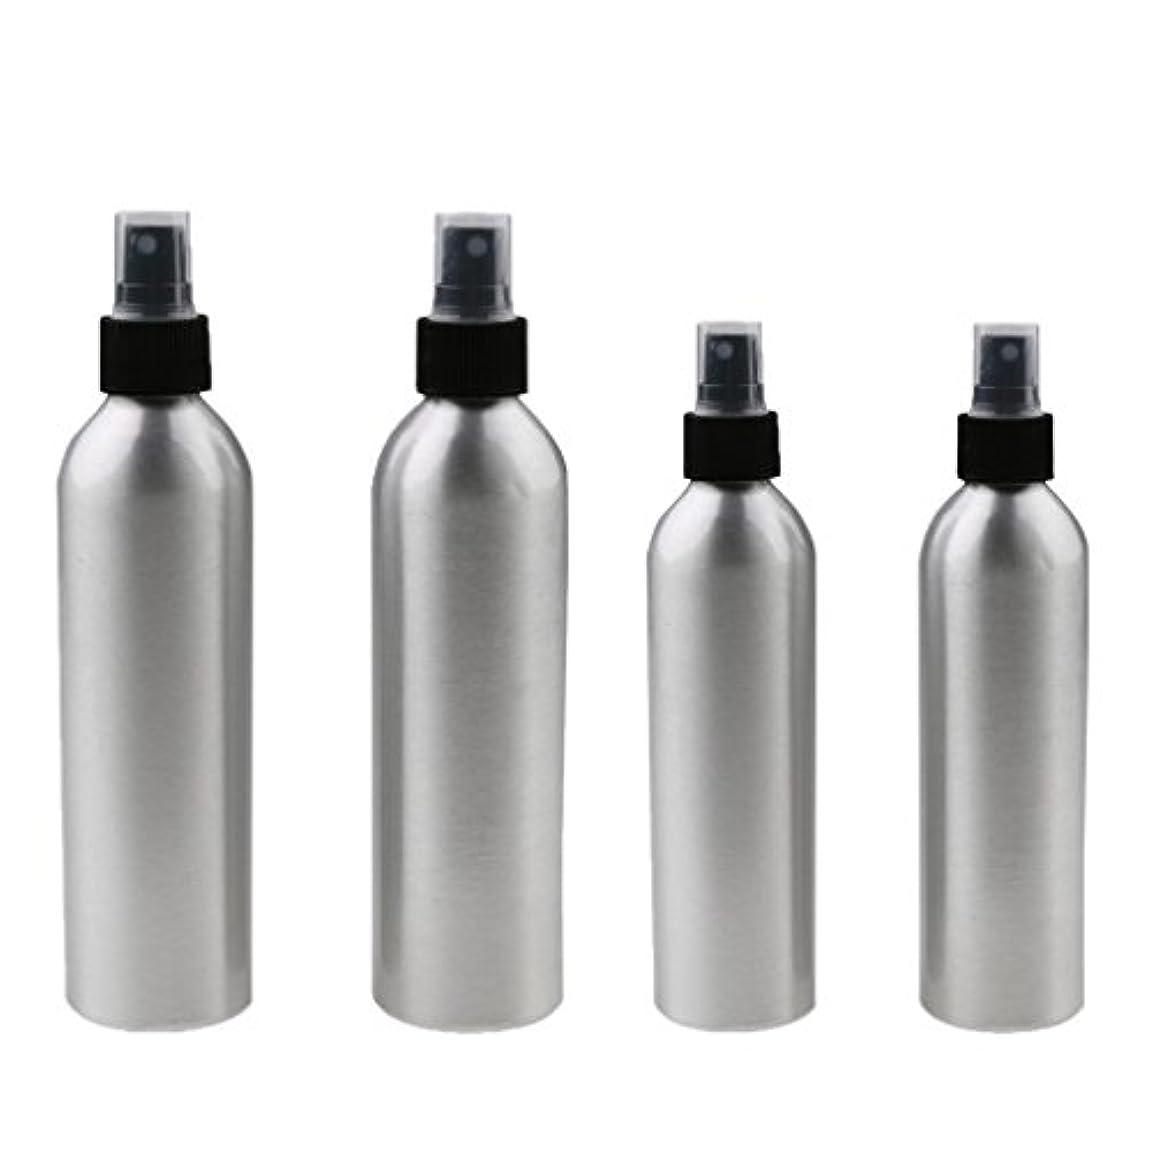 取り戻すどんなときも松の木4本入り スプレーボトル 100mlと150ml各2本 アルミミスト スプレー 香水 ボトル スプレーアトマイザー